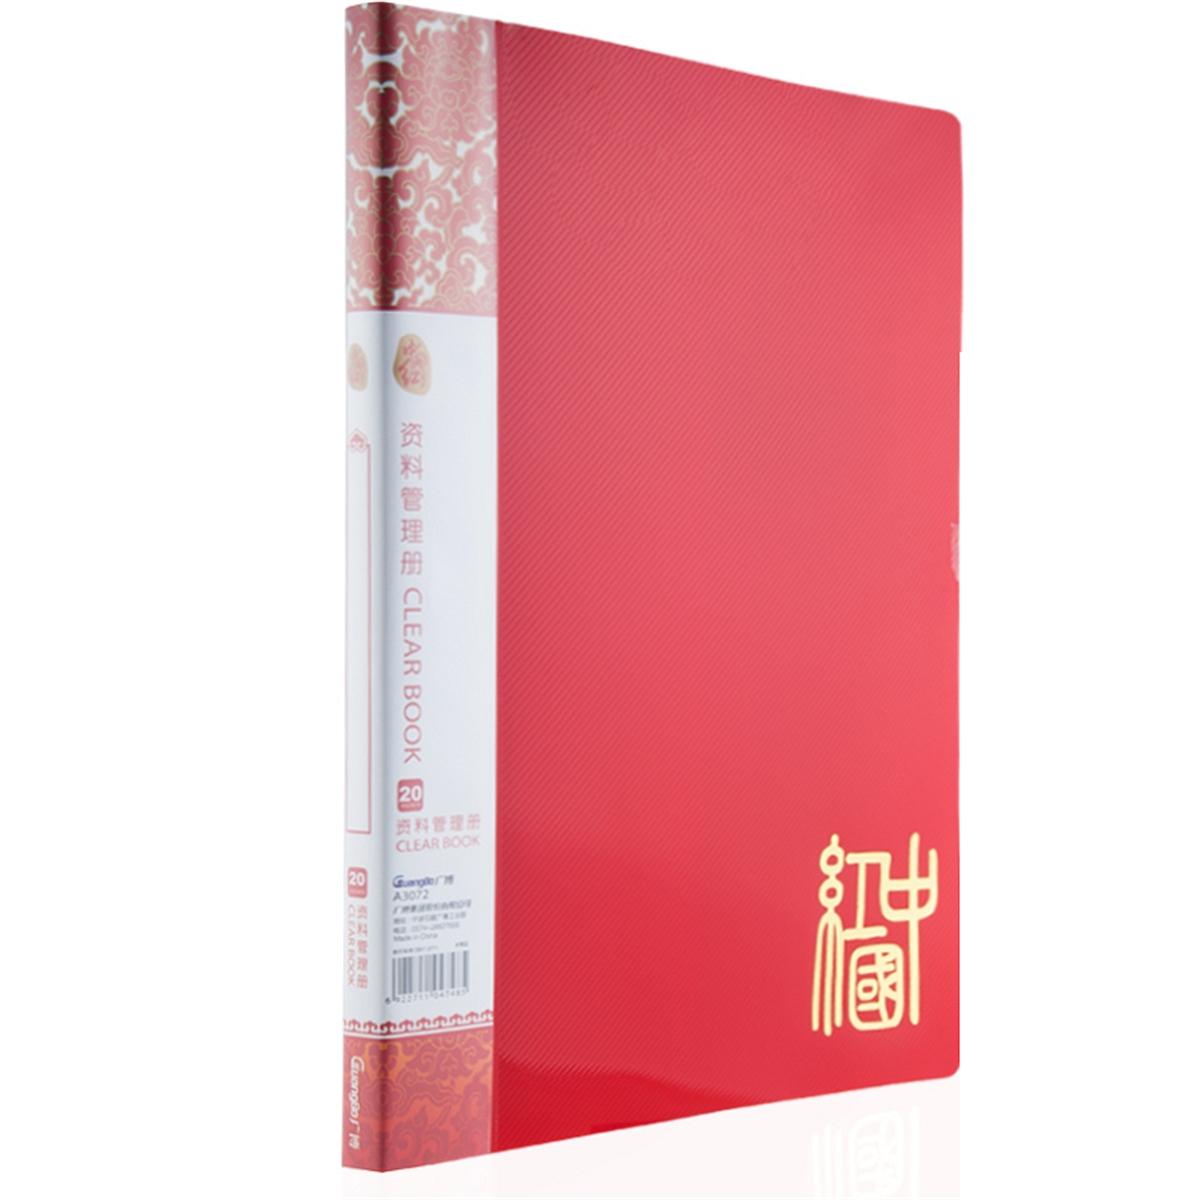 广博 A3072 资料册(中国红系列) 235*308*15mm (单位:只) 红色